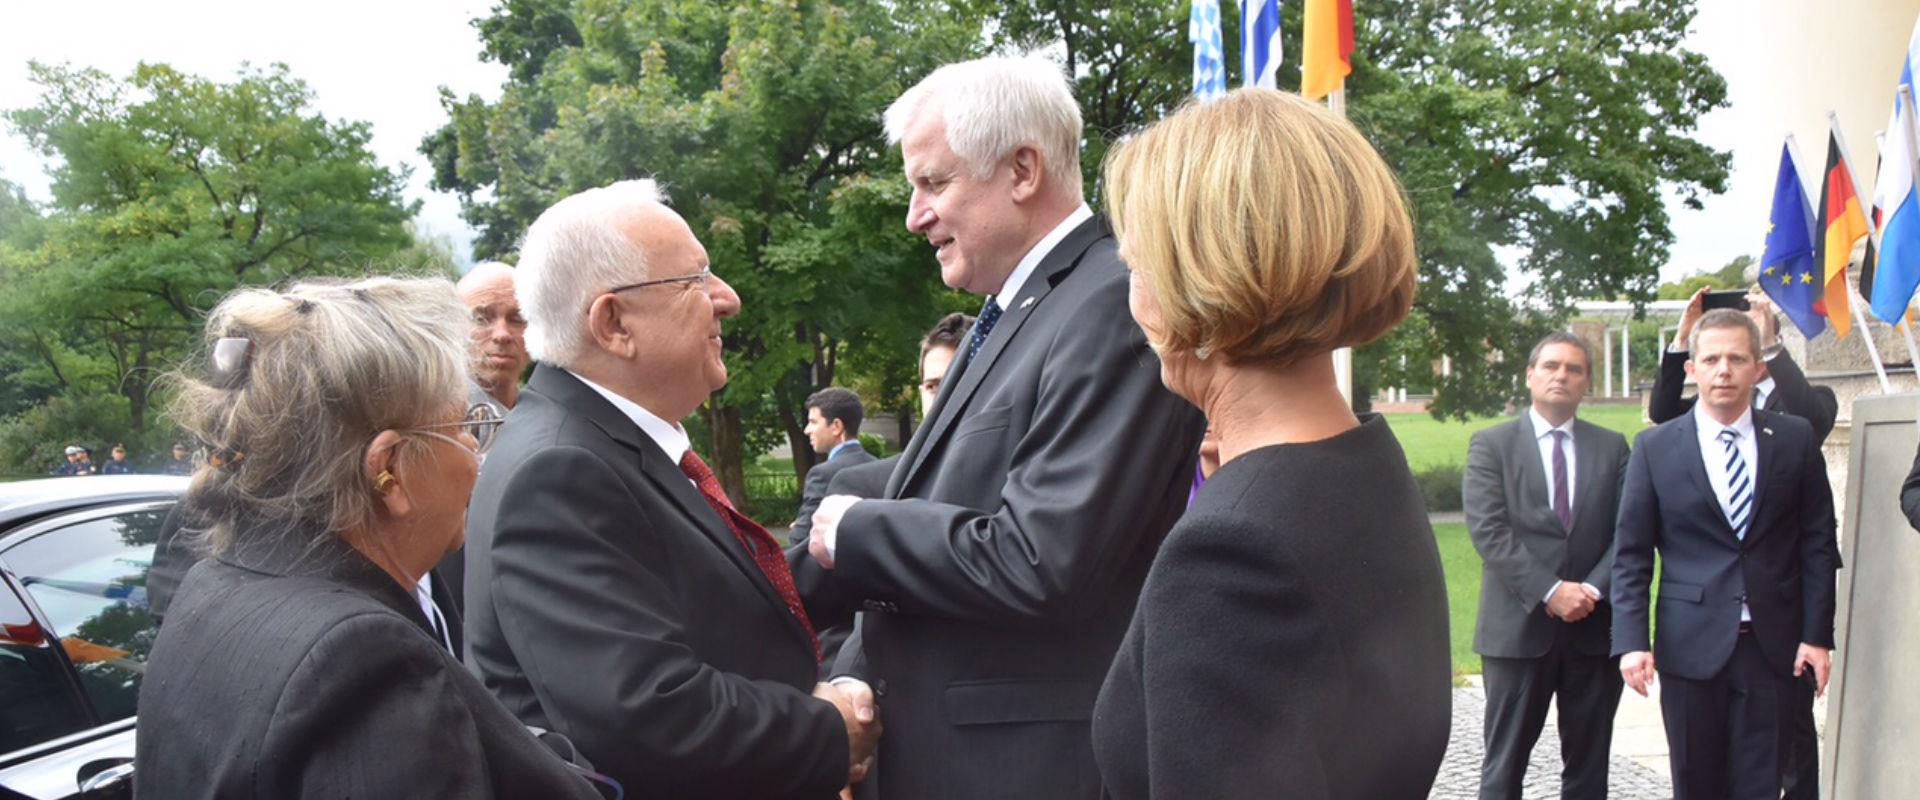 הנשיא ריבלין ורעייתו עם ראש ממשלת בוואריה